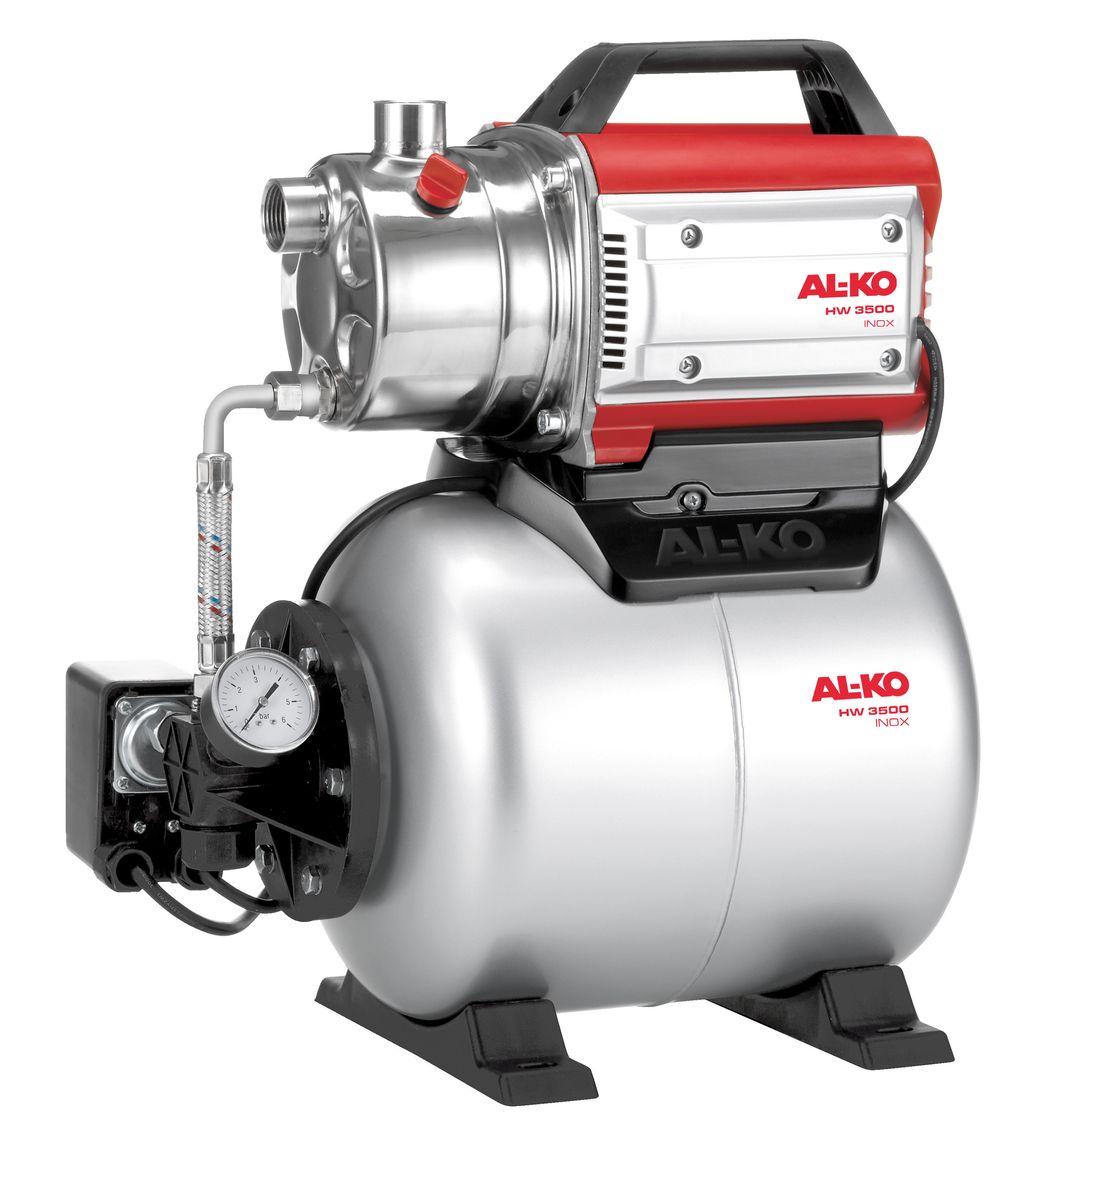 Станция насосная AL-KO HW 3500 Inox Classic112848Насосная станция AL-KO HW 3500 Inox Classic очень легко вводится в эксплуатацию. Она надежна в работе, имеет низкий уровень шума. Корпус выполнен из высококачественной нержавеющей стали. Насосная станция имеет высокую мощность всасывания и может выдерживать высокое давление. Объем расширительного бака: 17 л. Мощность: 850 Вт. Глубина забора воды: 8 м. Высота напора: 38 м. Максимальный объем подачи: 3400 л/час. Рабочий механизм насоса: 1-ступенчатый. Диаметр входного и выходного отверстий: G 1.